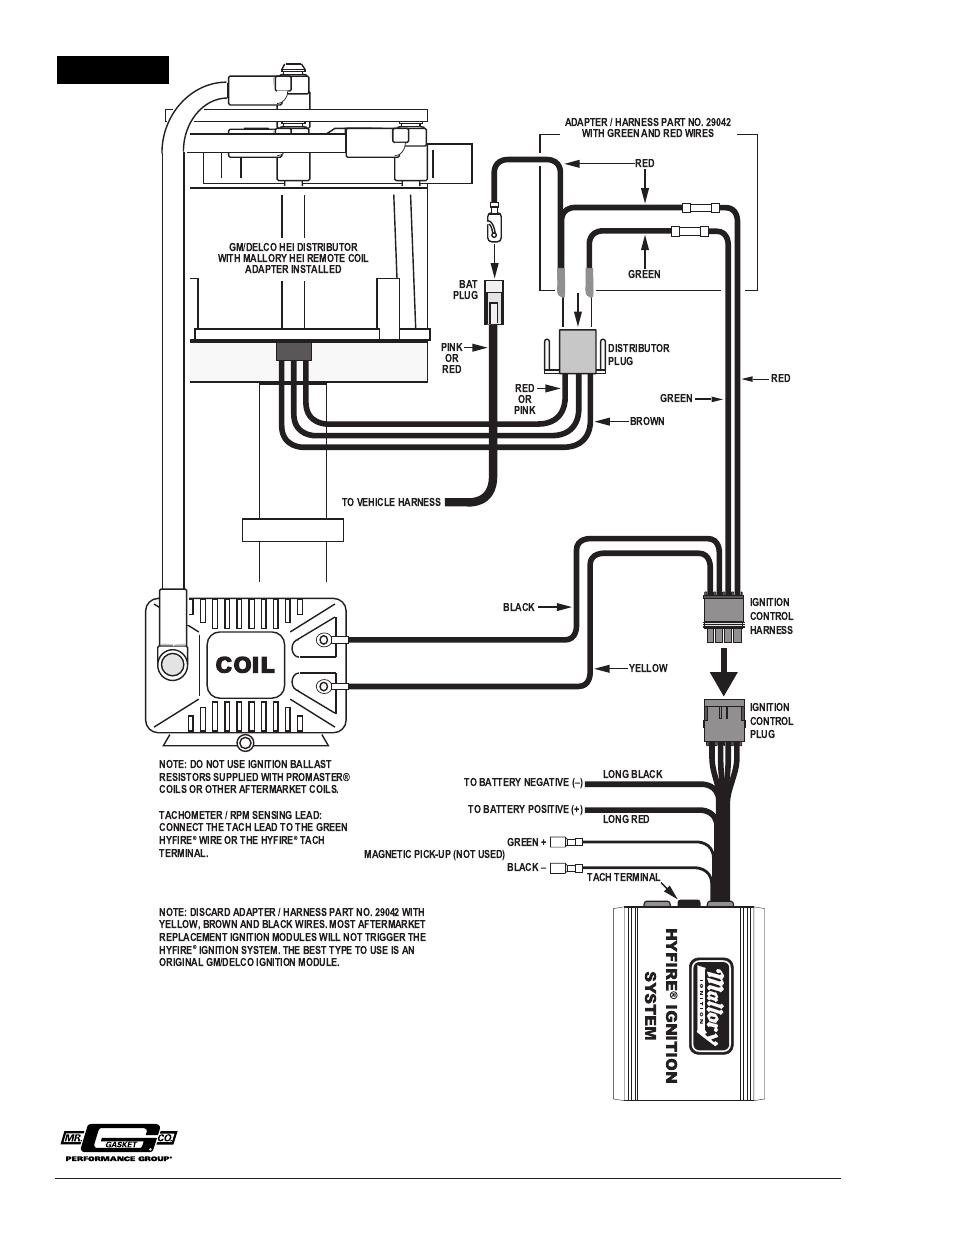 1967 chevelle starter wiring. 1970 chevelle starter wiring, 1967, Wiring diagram